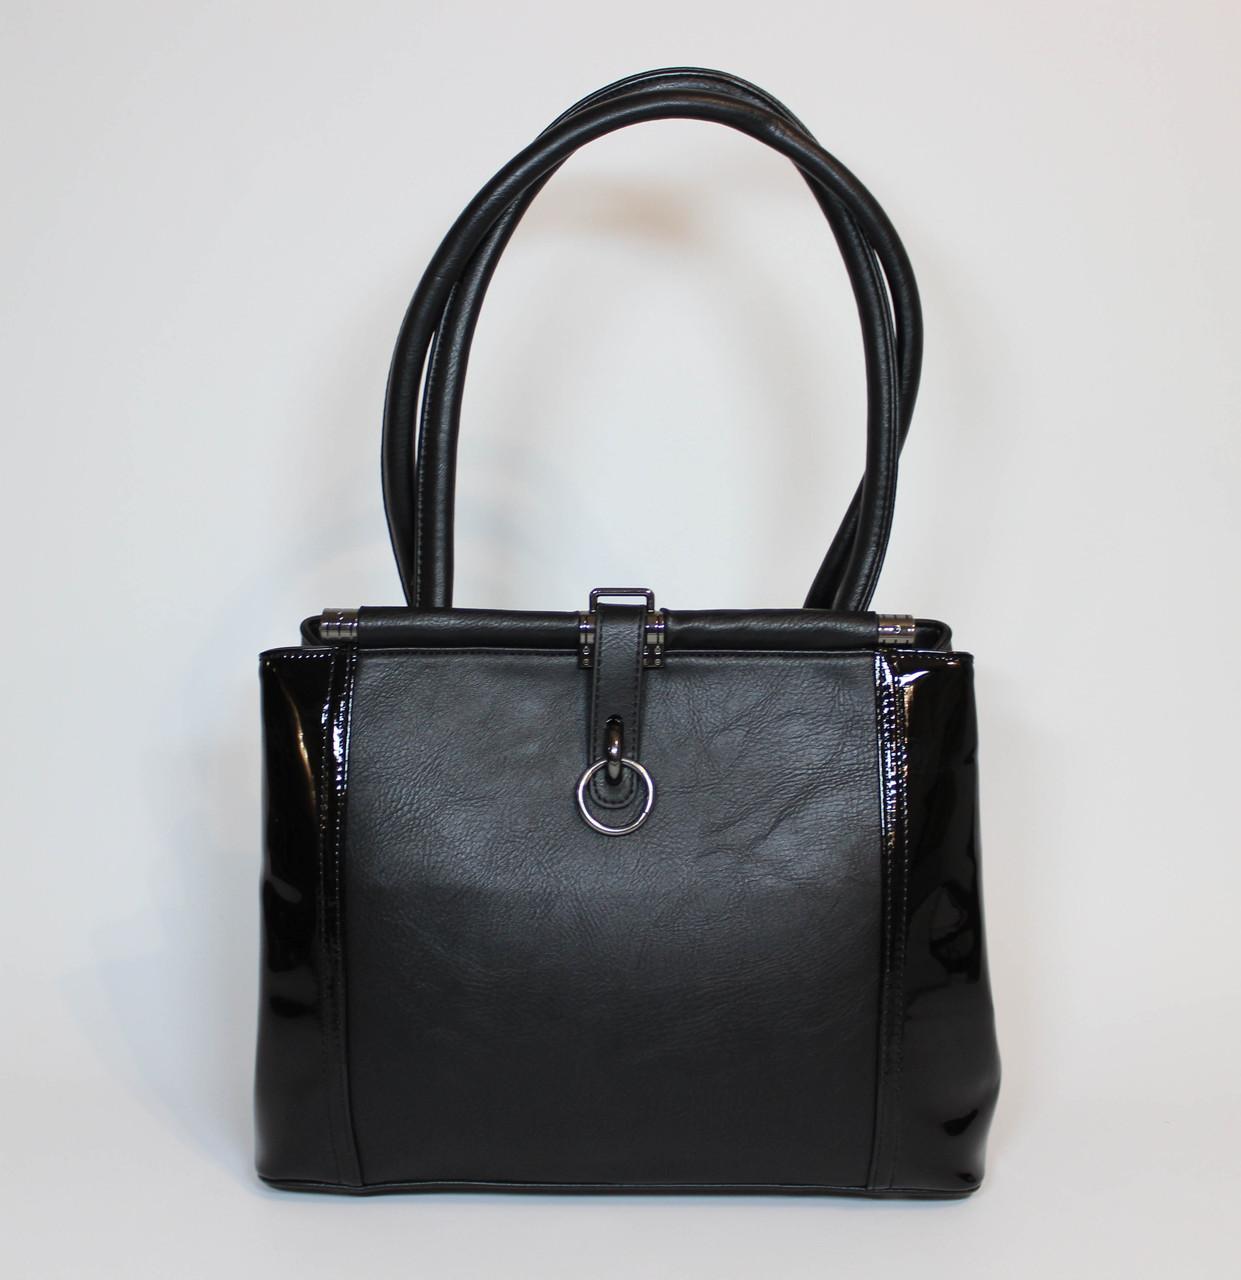 6d66377230a6 Деловая женская сумка Celiya - Komodd - Женские сумки,рюкзачки,спортивные  сумки в Хмельницком